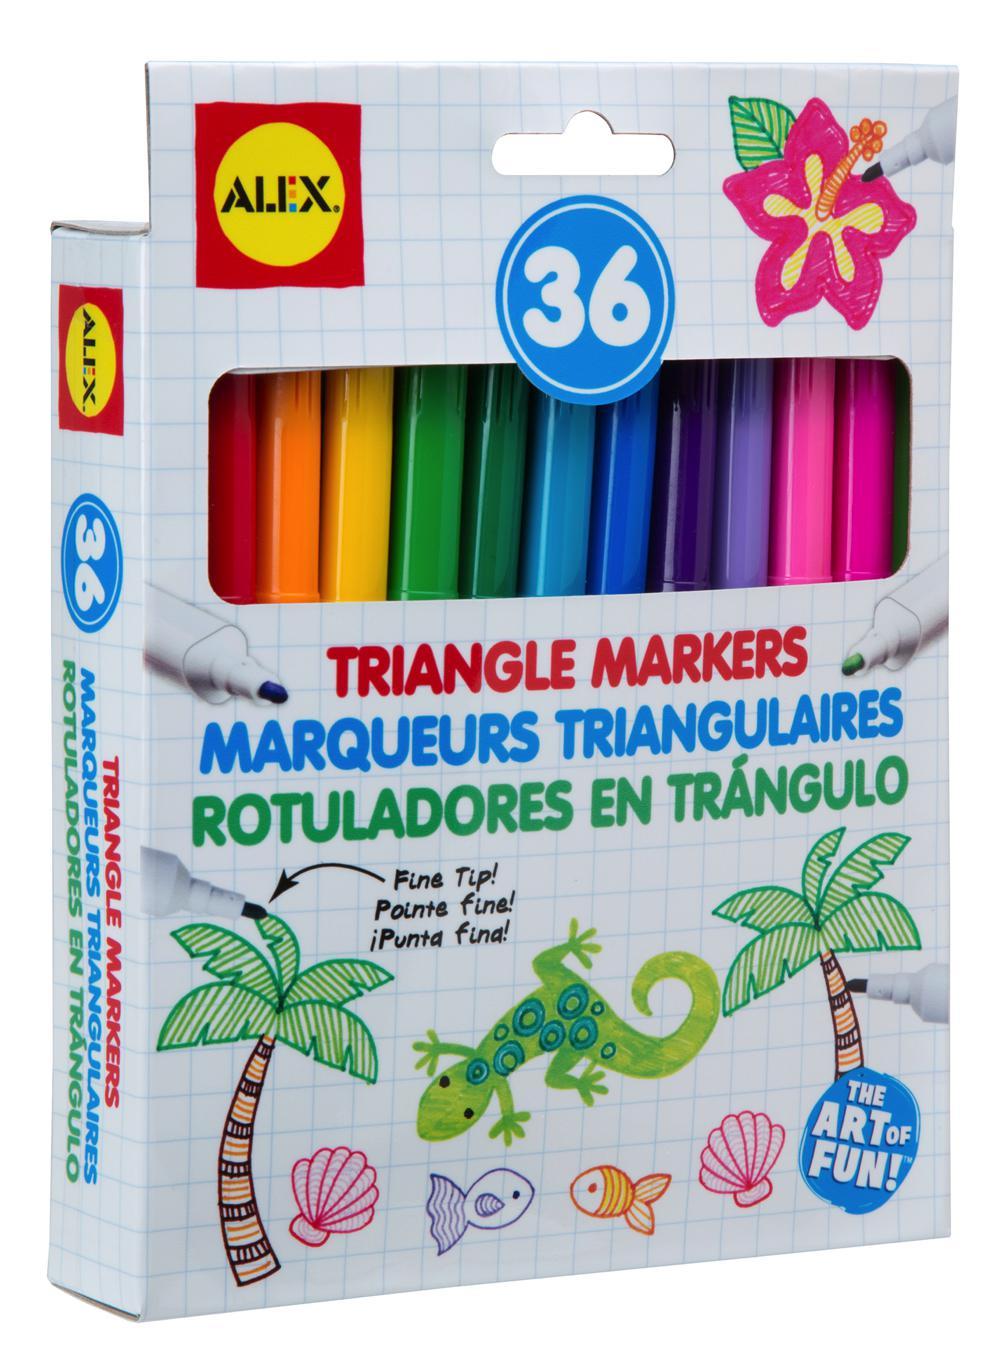 MARQUEURS TRIANGULAIRES 36